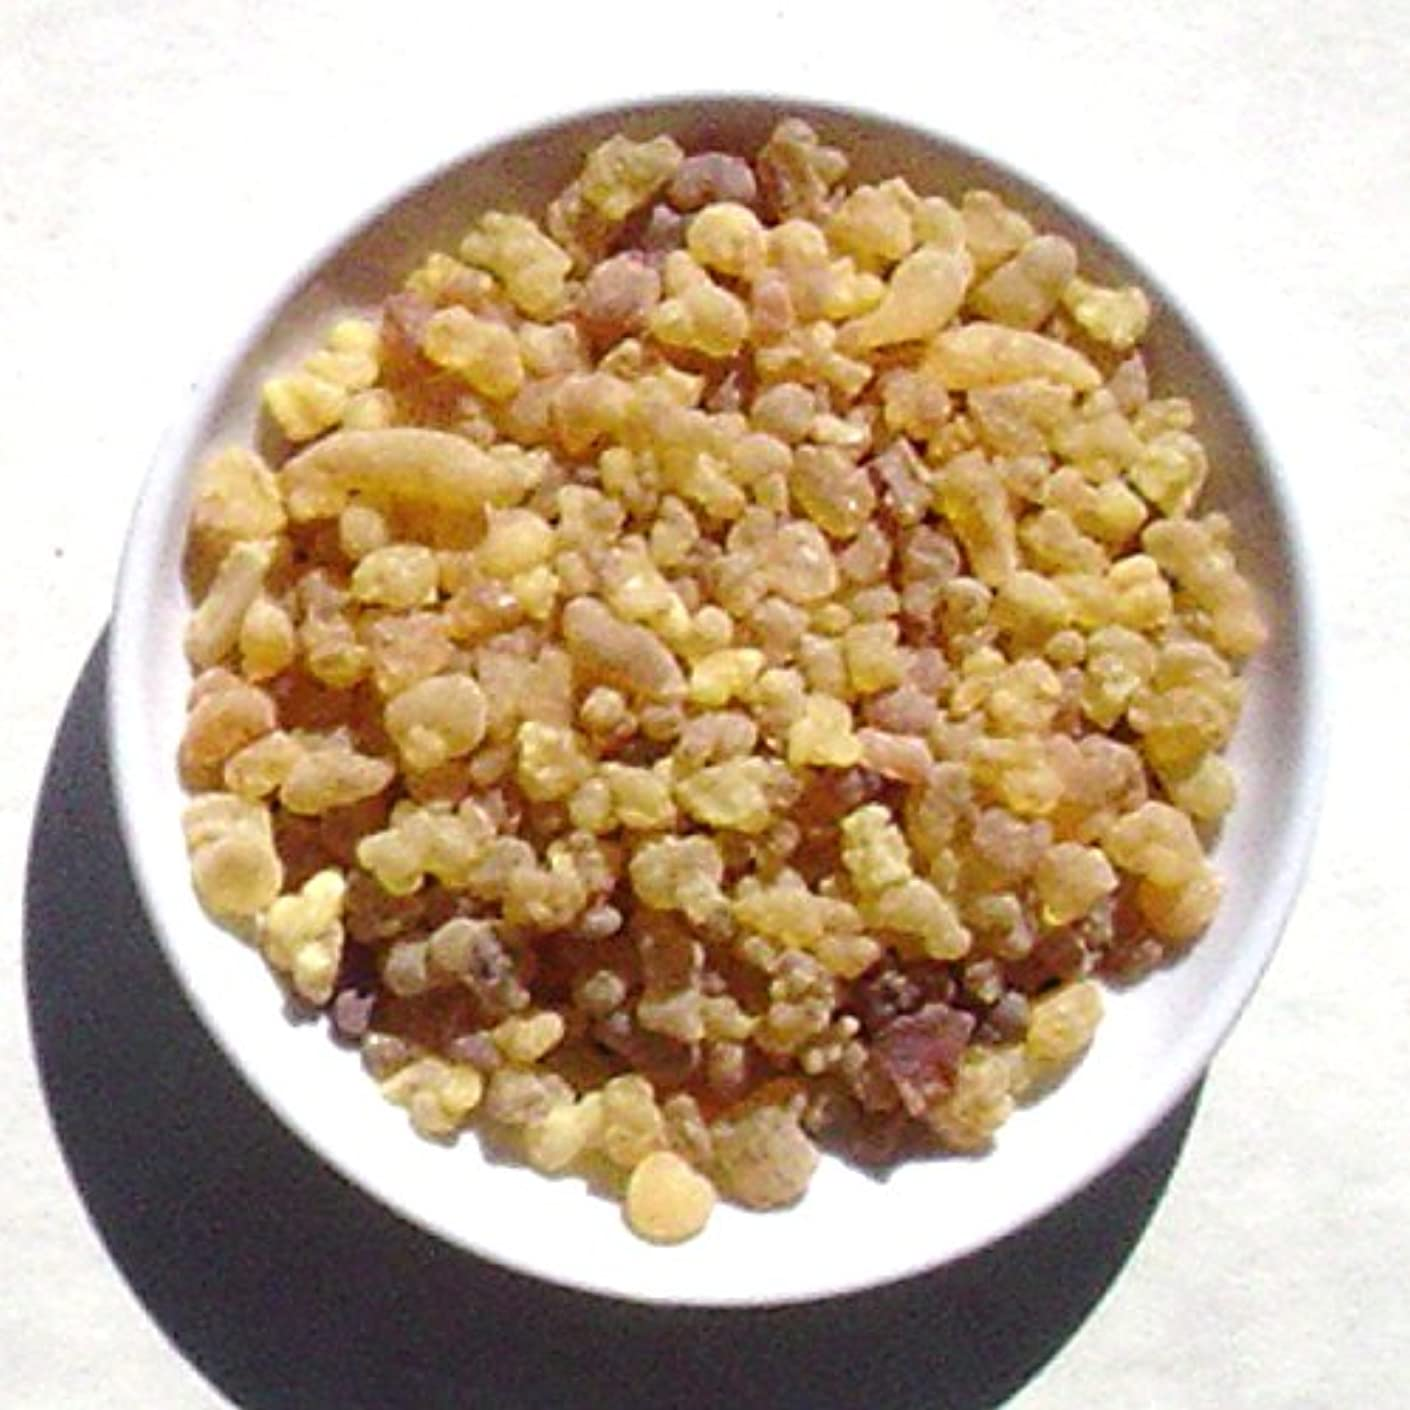 分配します伝説消すArabian Frankincense – 1ポンド – Traditional Incense (樹脂)バルク